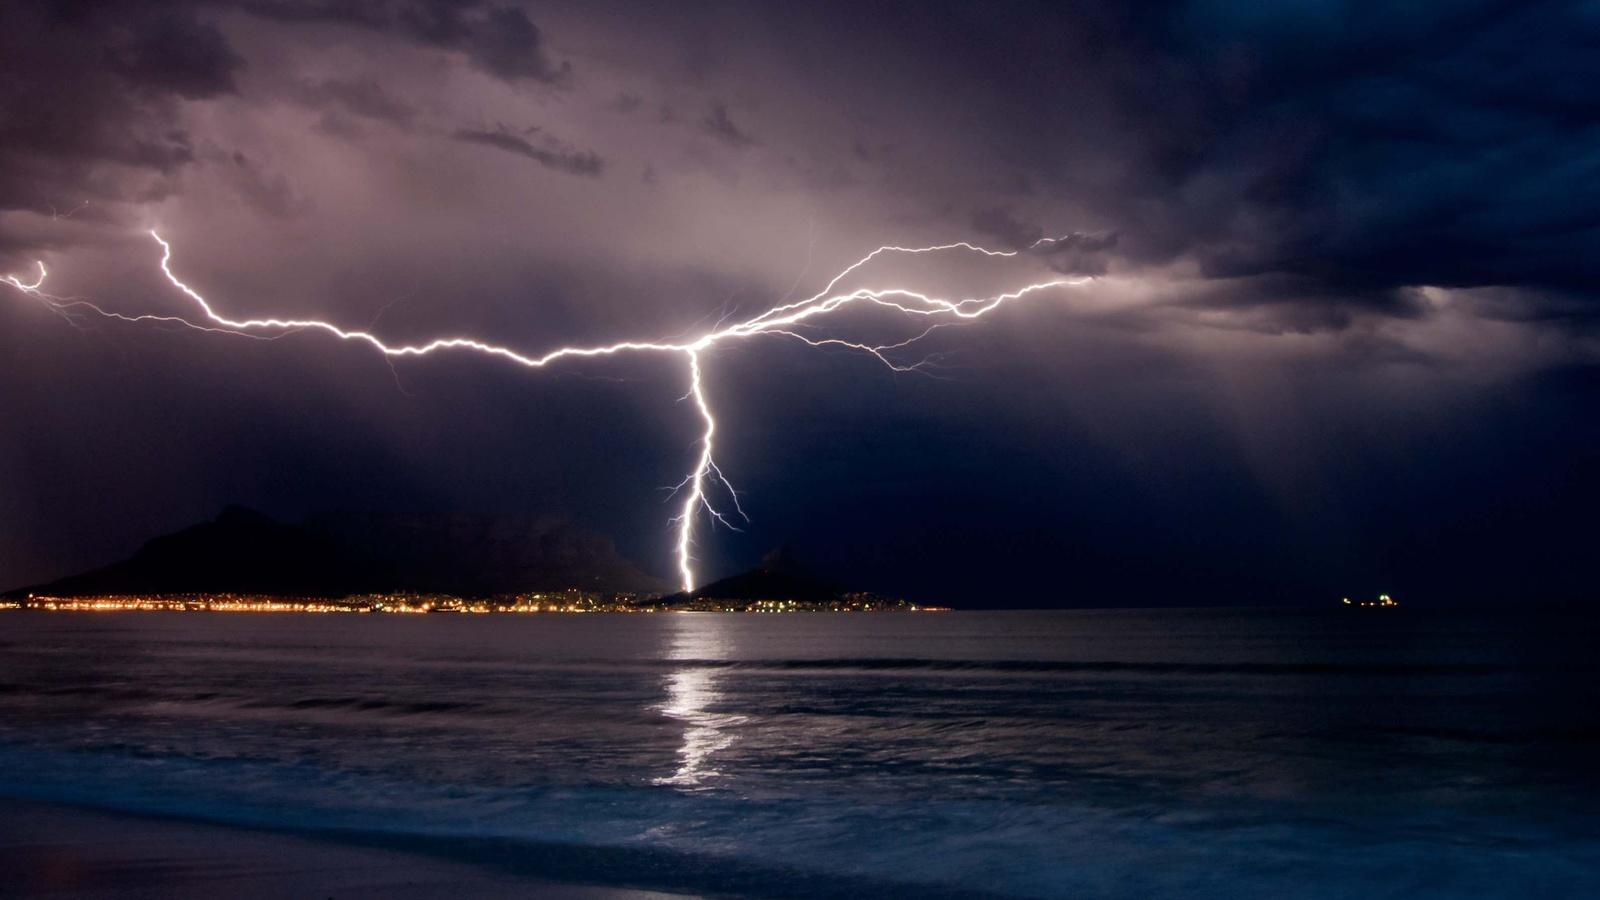 вечер, море, горы, корабль, гроза, молния, красиво, пасмурно